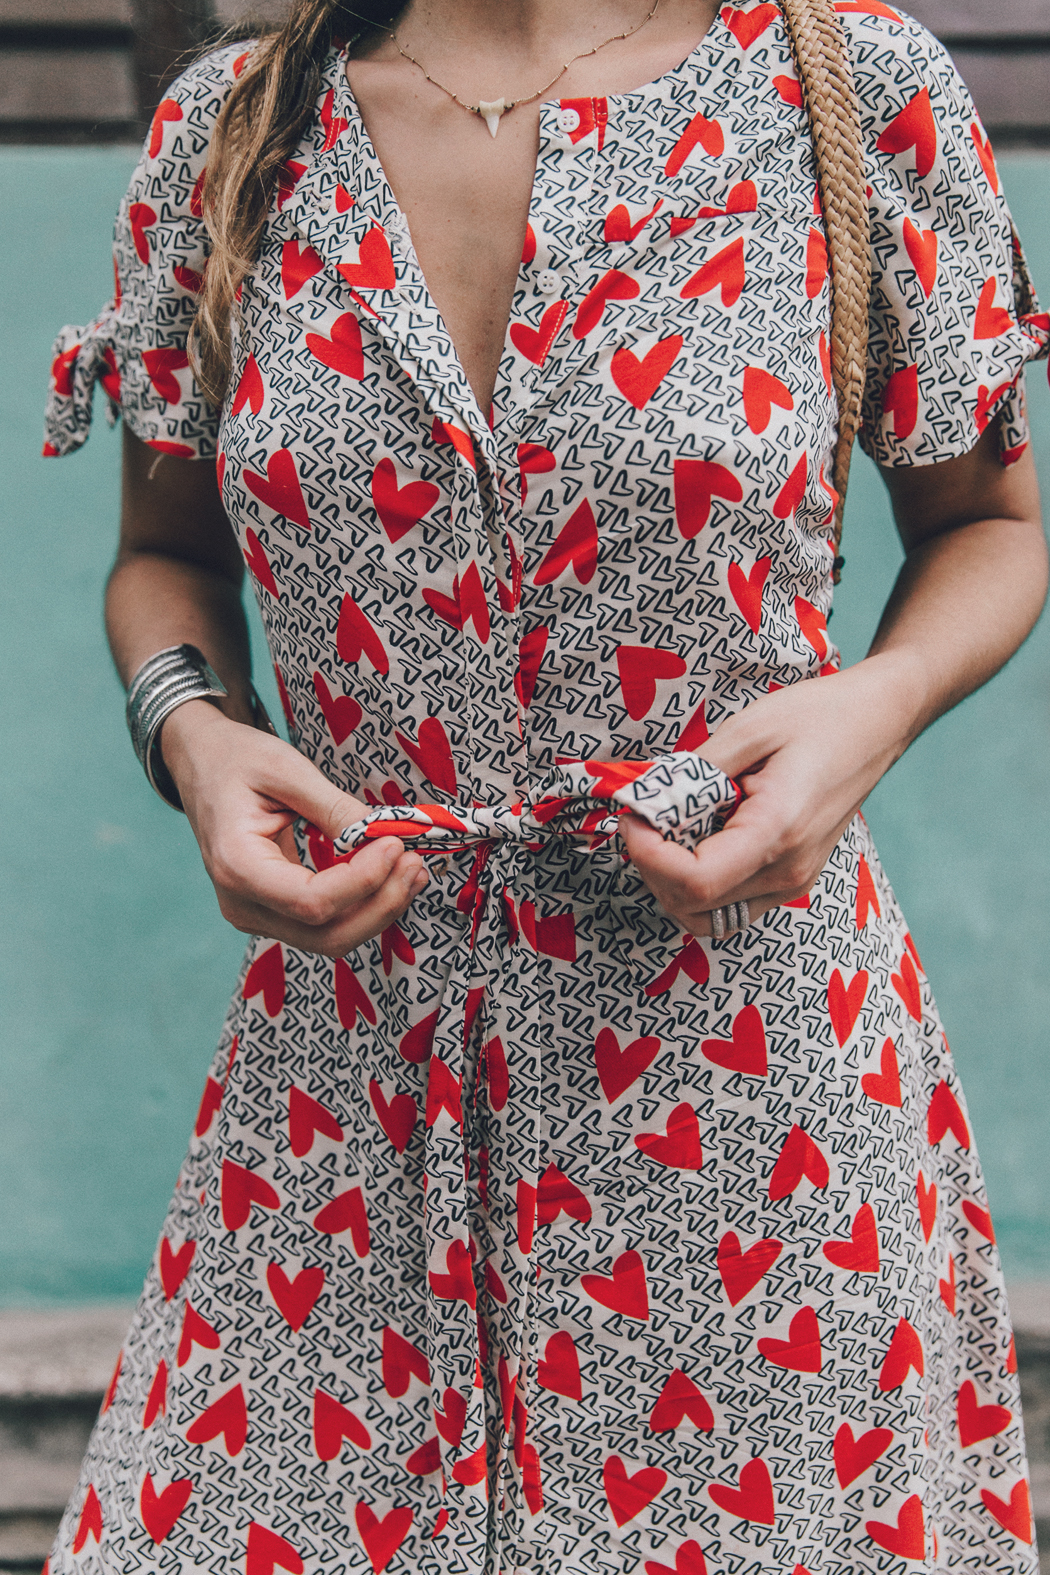 Cuba-La_Habana_Vieja-Hearts_Dress-Styled_By_Me-Aloha_Espadrilles-Outfit-Street_Style-Dress-Backpack-17